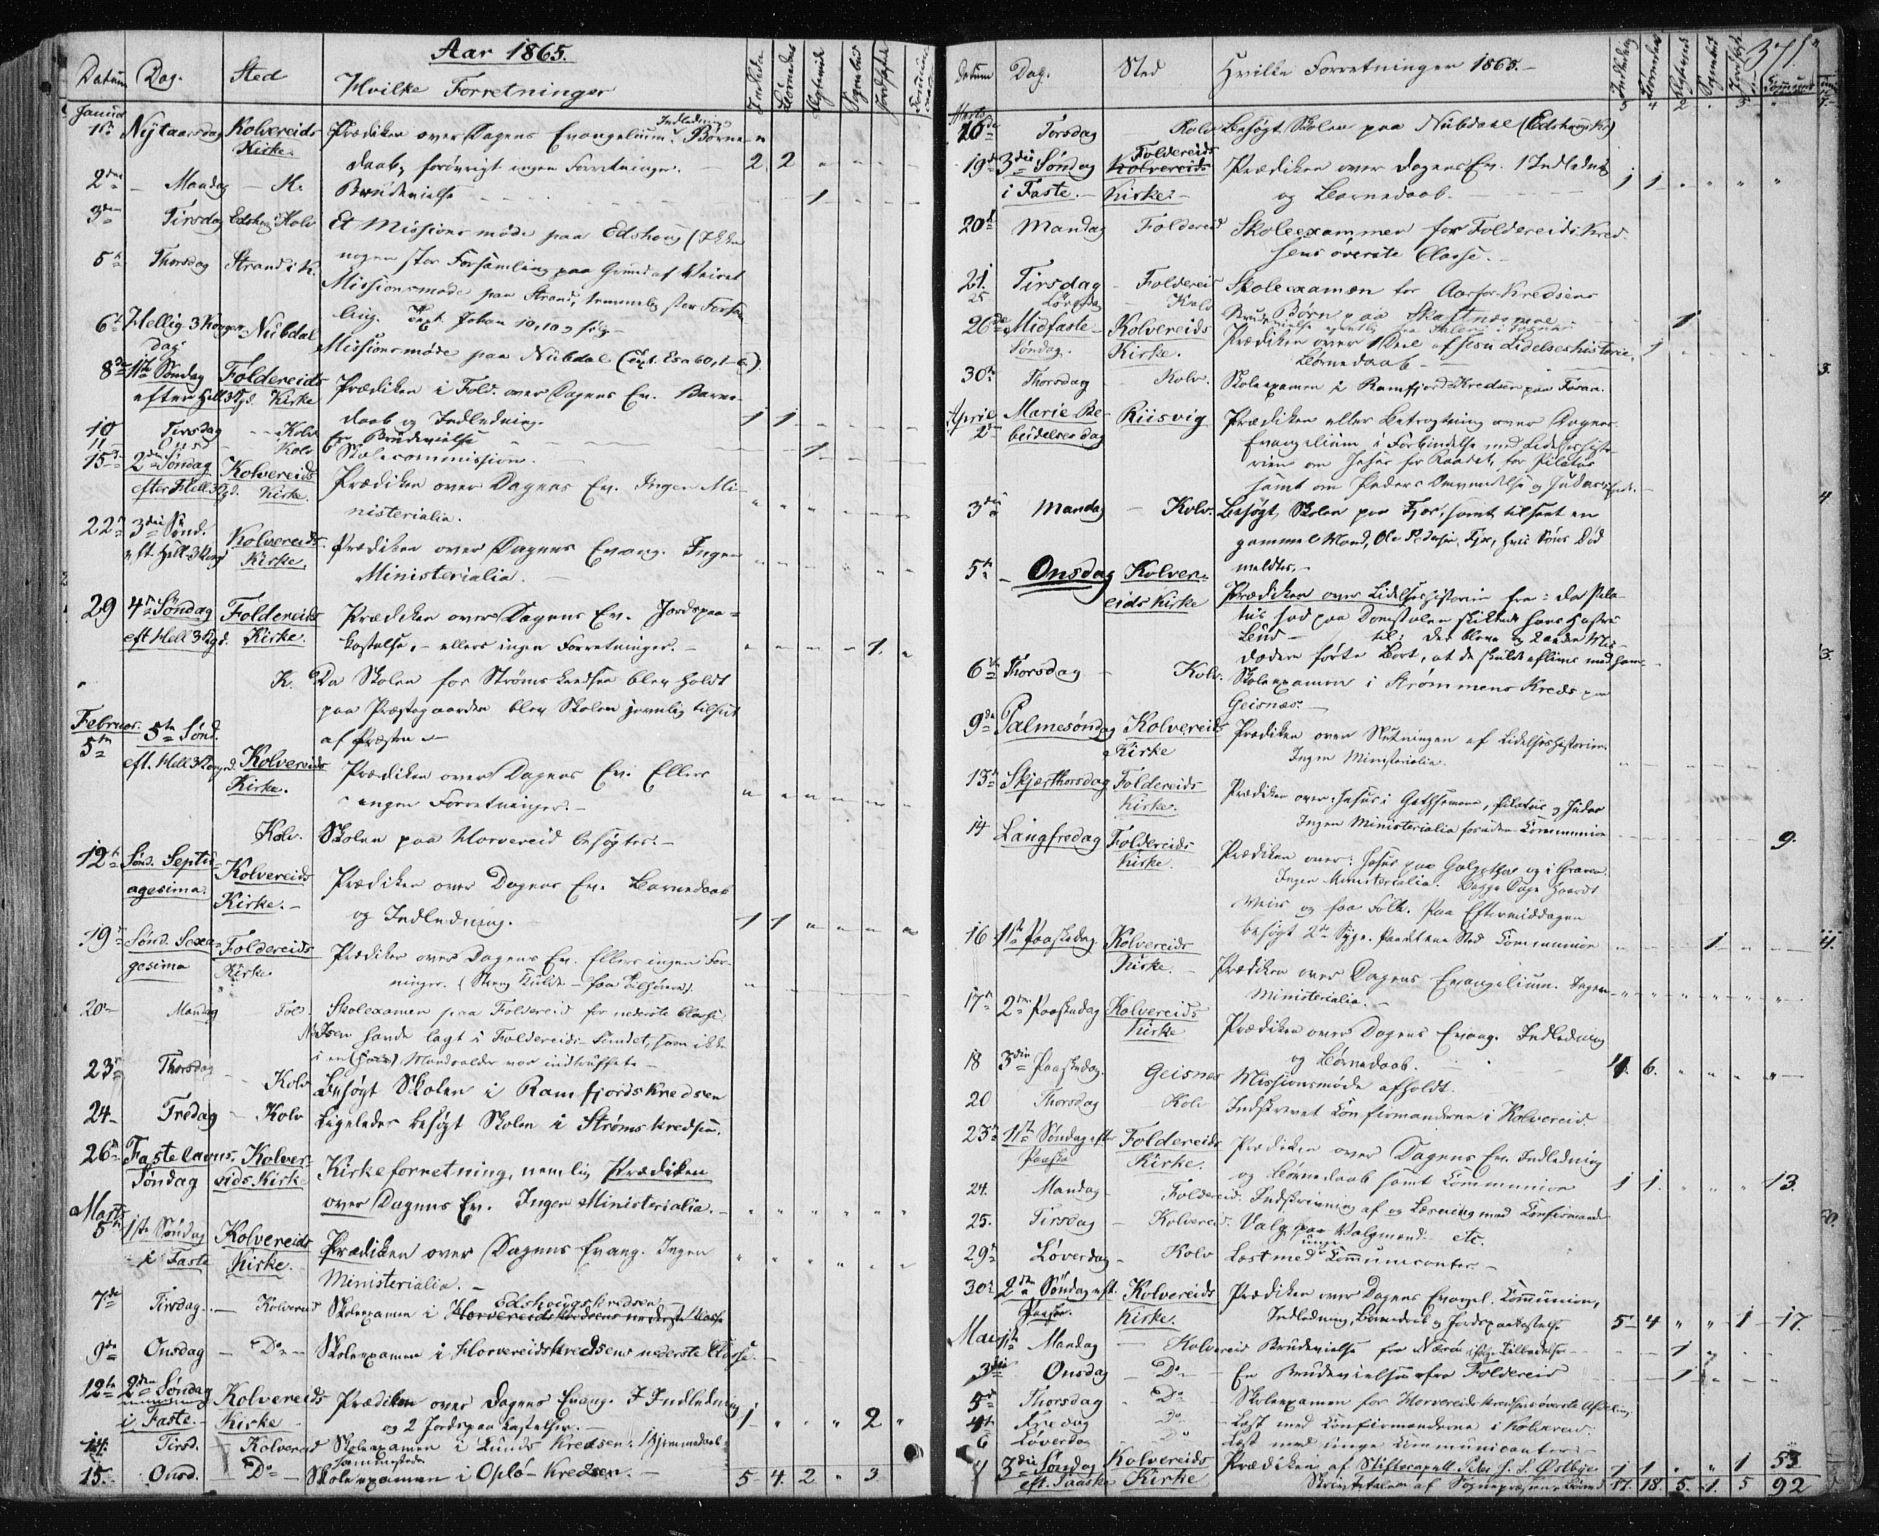 SAT, Ministerialprotokoller, klokkerbøker og fødselsregistre - Nord-Trøndelag, 780/L0641: Ministerialbok nr. 780A06, 1857-1874, s. 371